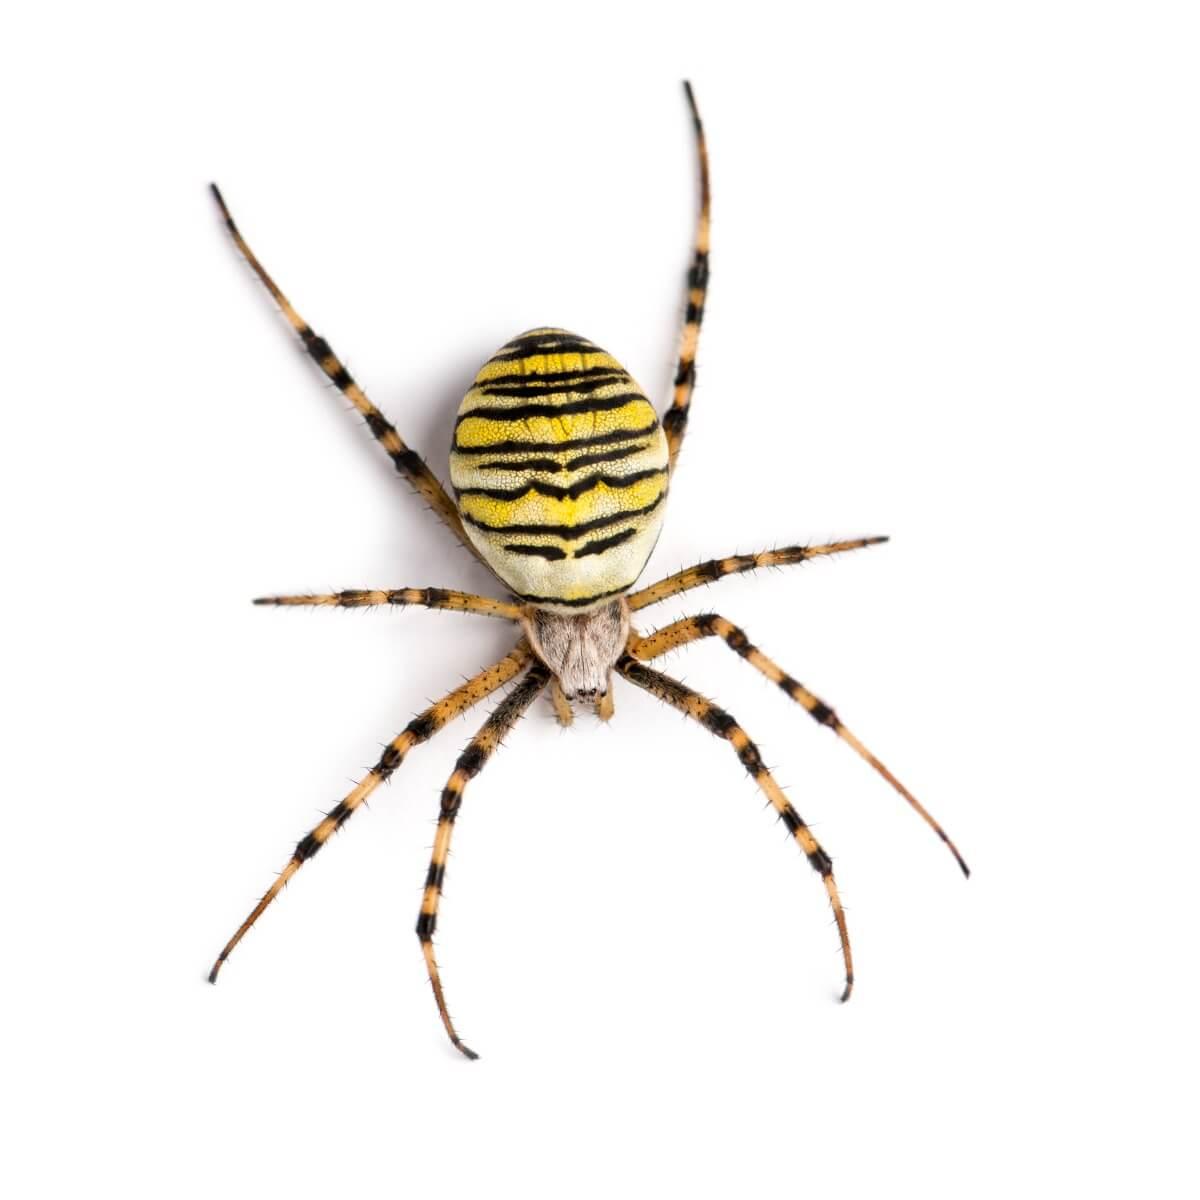 Une araignée sur fond blanc.